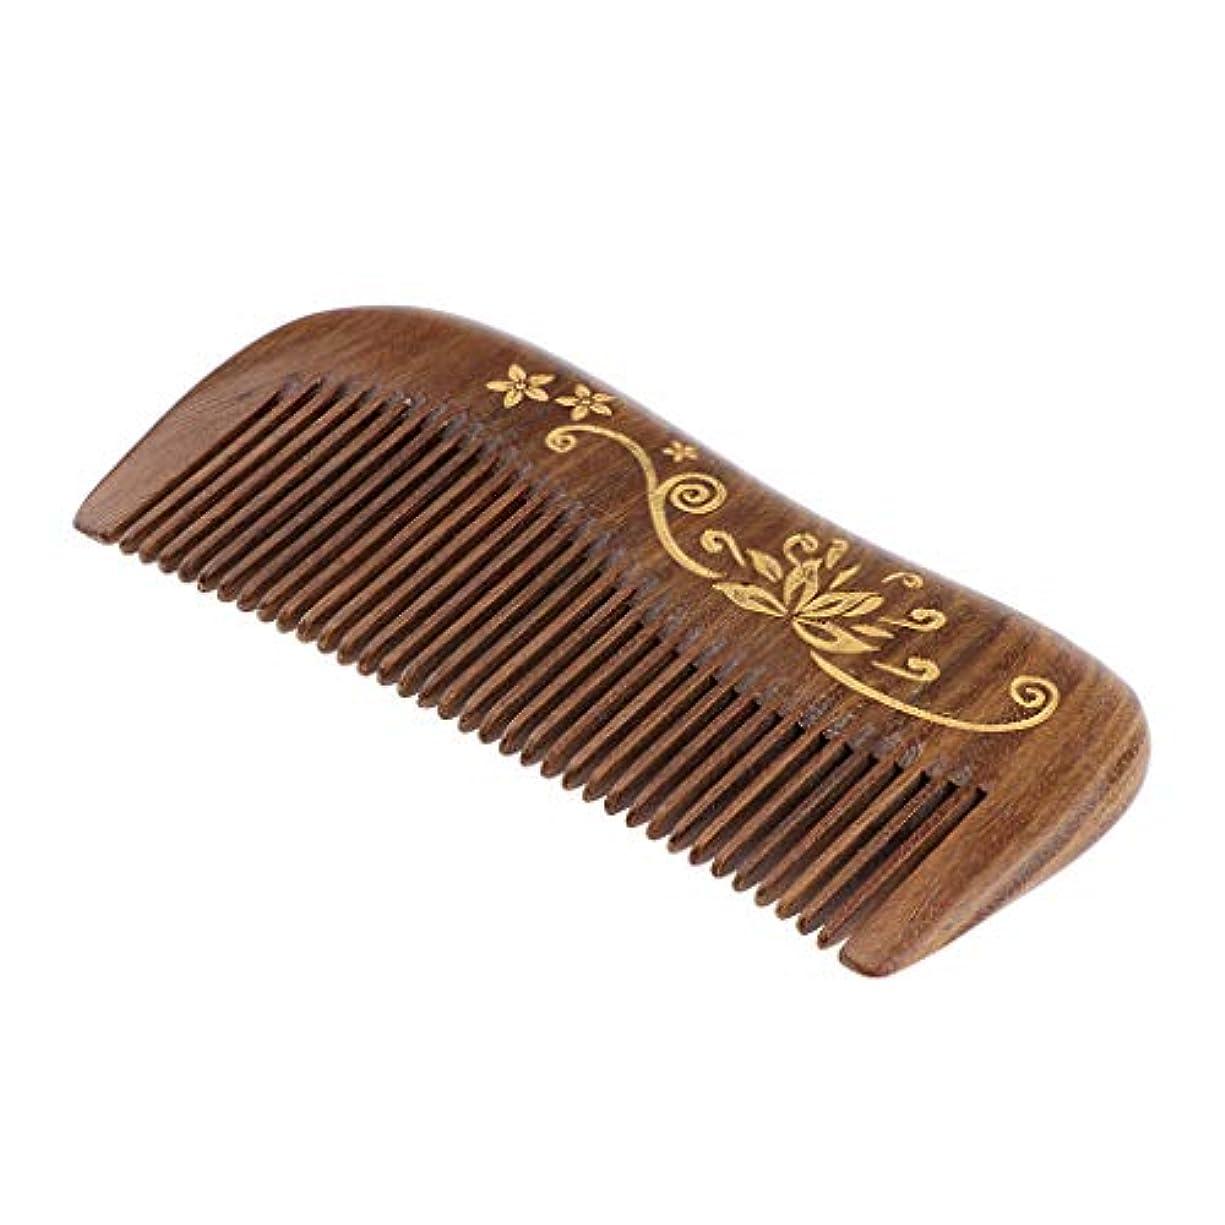 スラムかどうか粘土ヘアコーム 広い歯 木製櫛 ヘアブラシ マッサージ櫛 帯電防止 4仕様選べ - #4